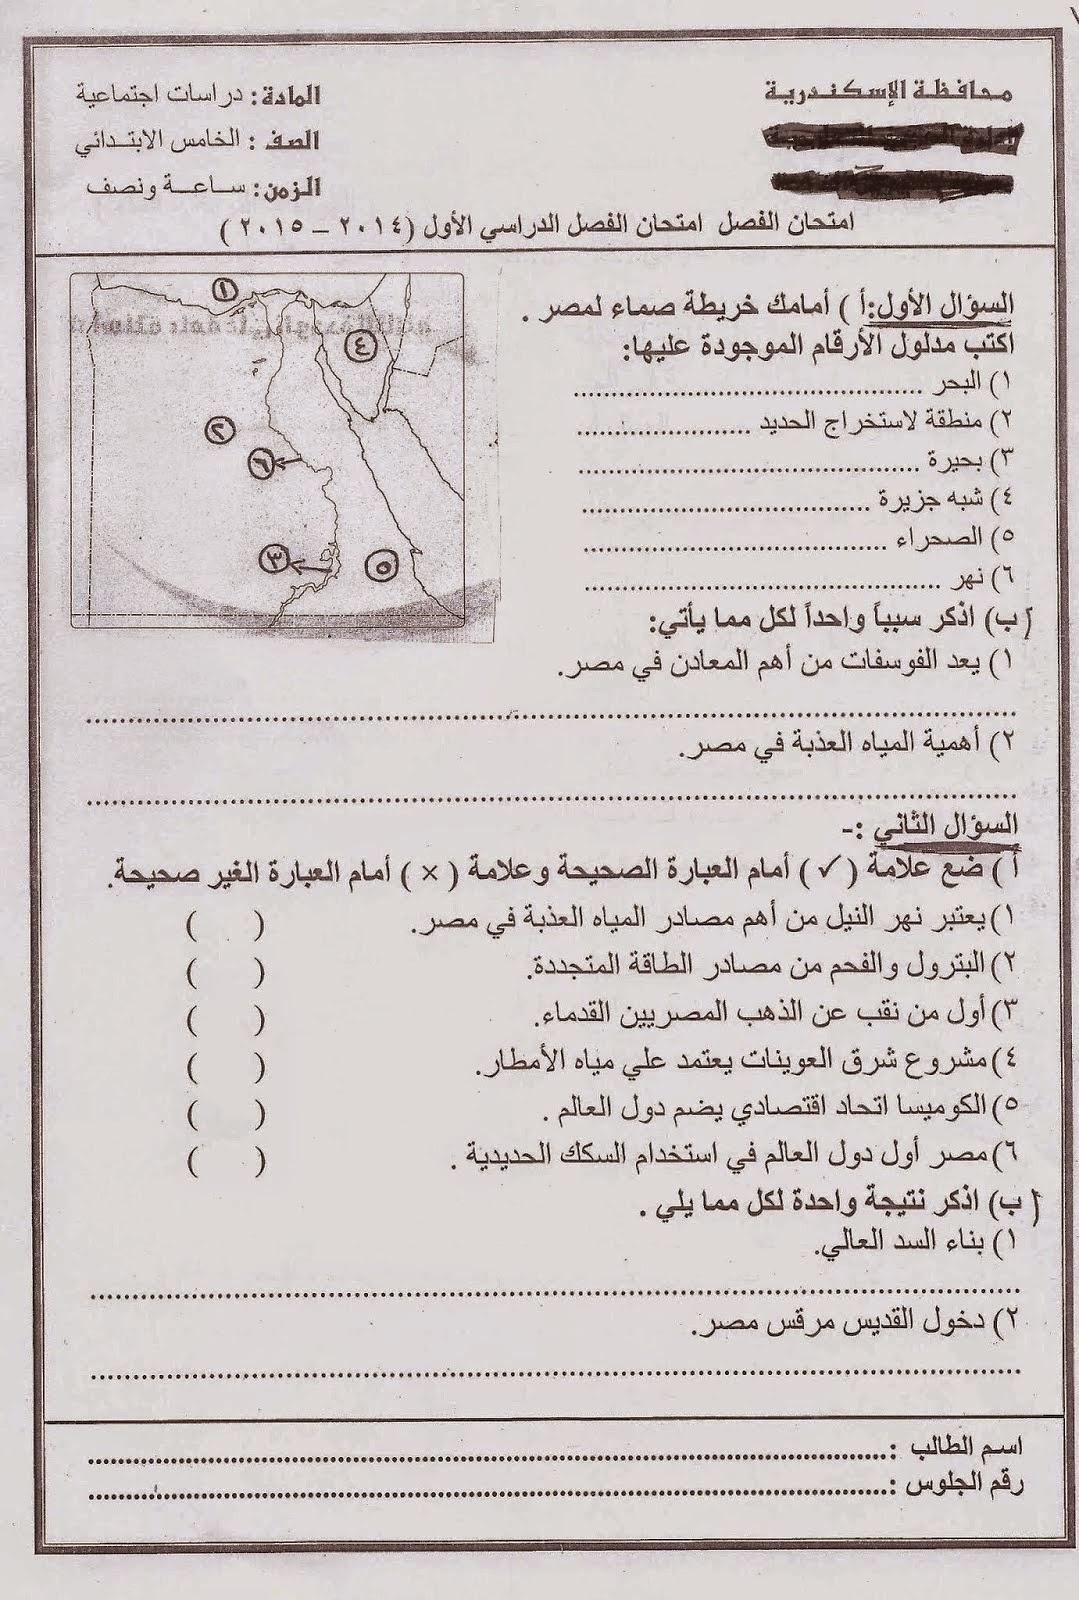 امتحانات كل مواد الصف الخامس الابتدائي الترم الأول 2015 مدارس مصر حكومى و لغات scan0101.jpg